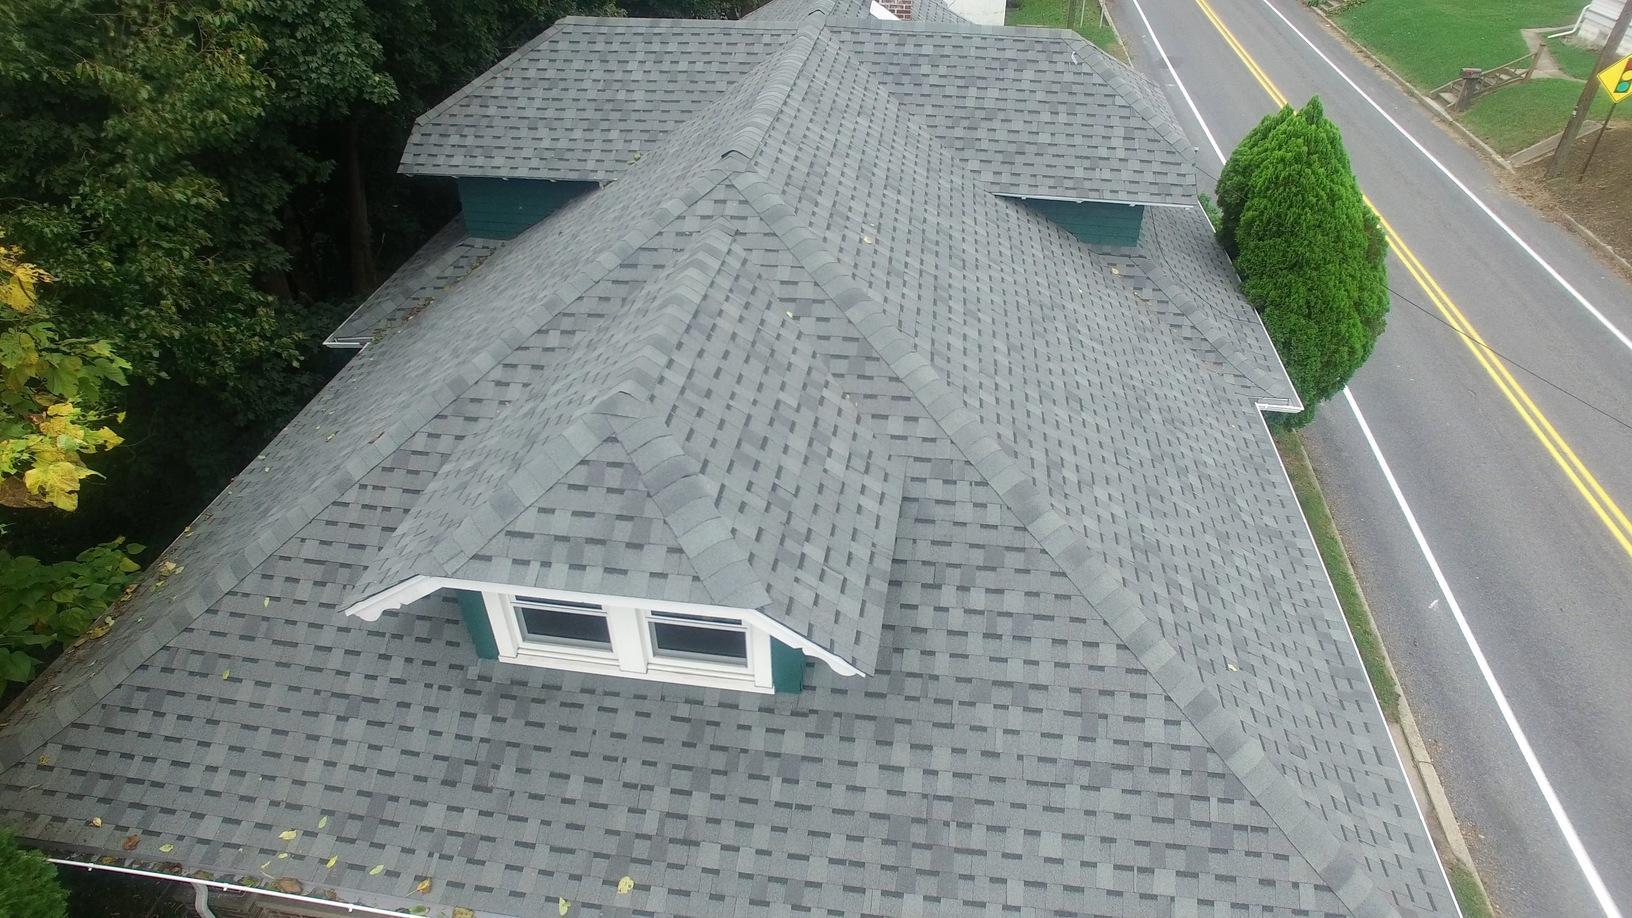 Roofing Installation in Walnutport, Pennsylvania